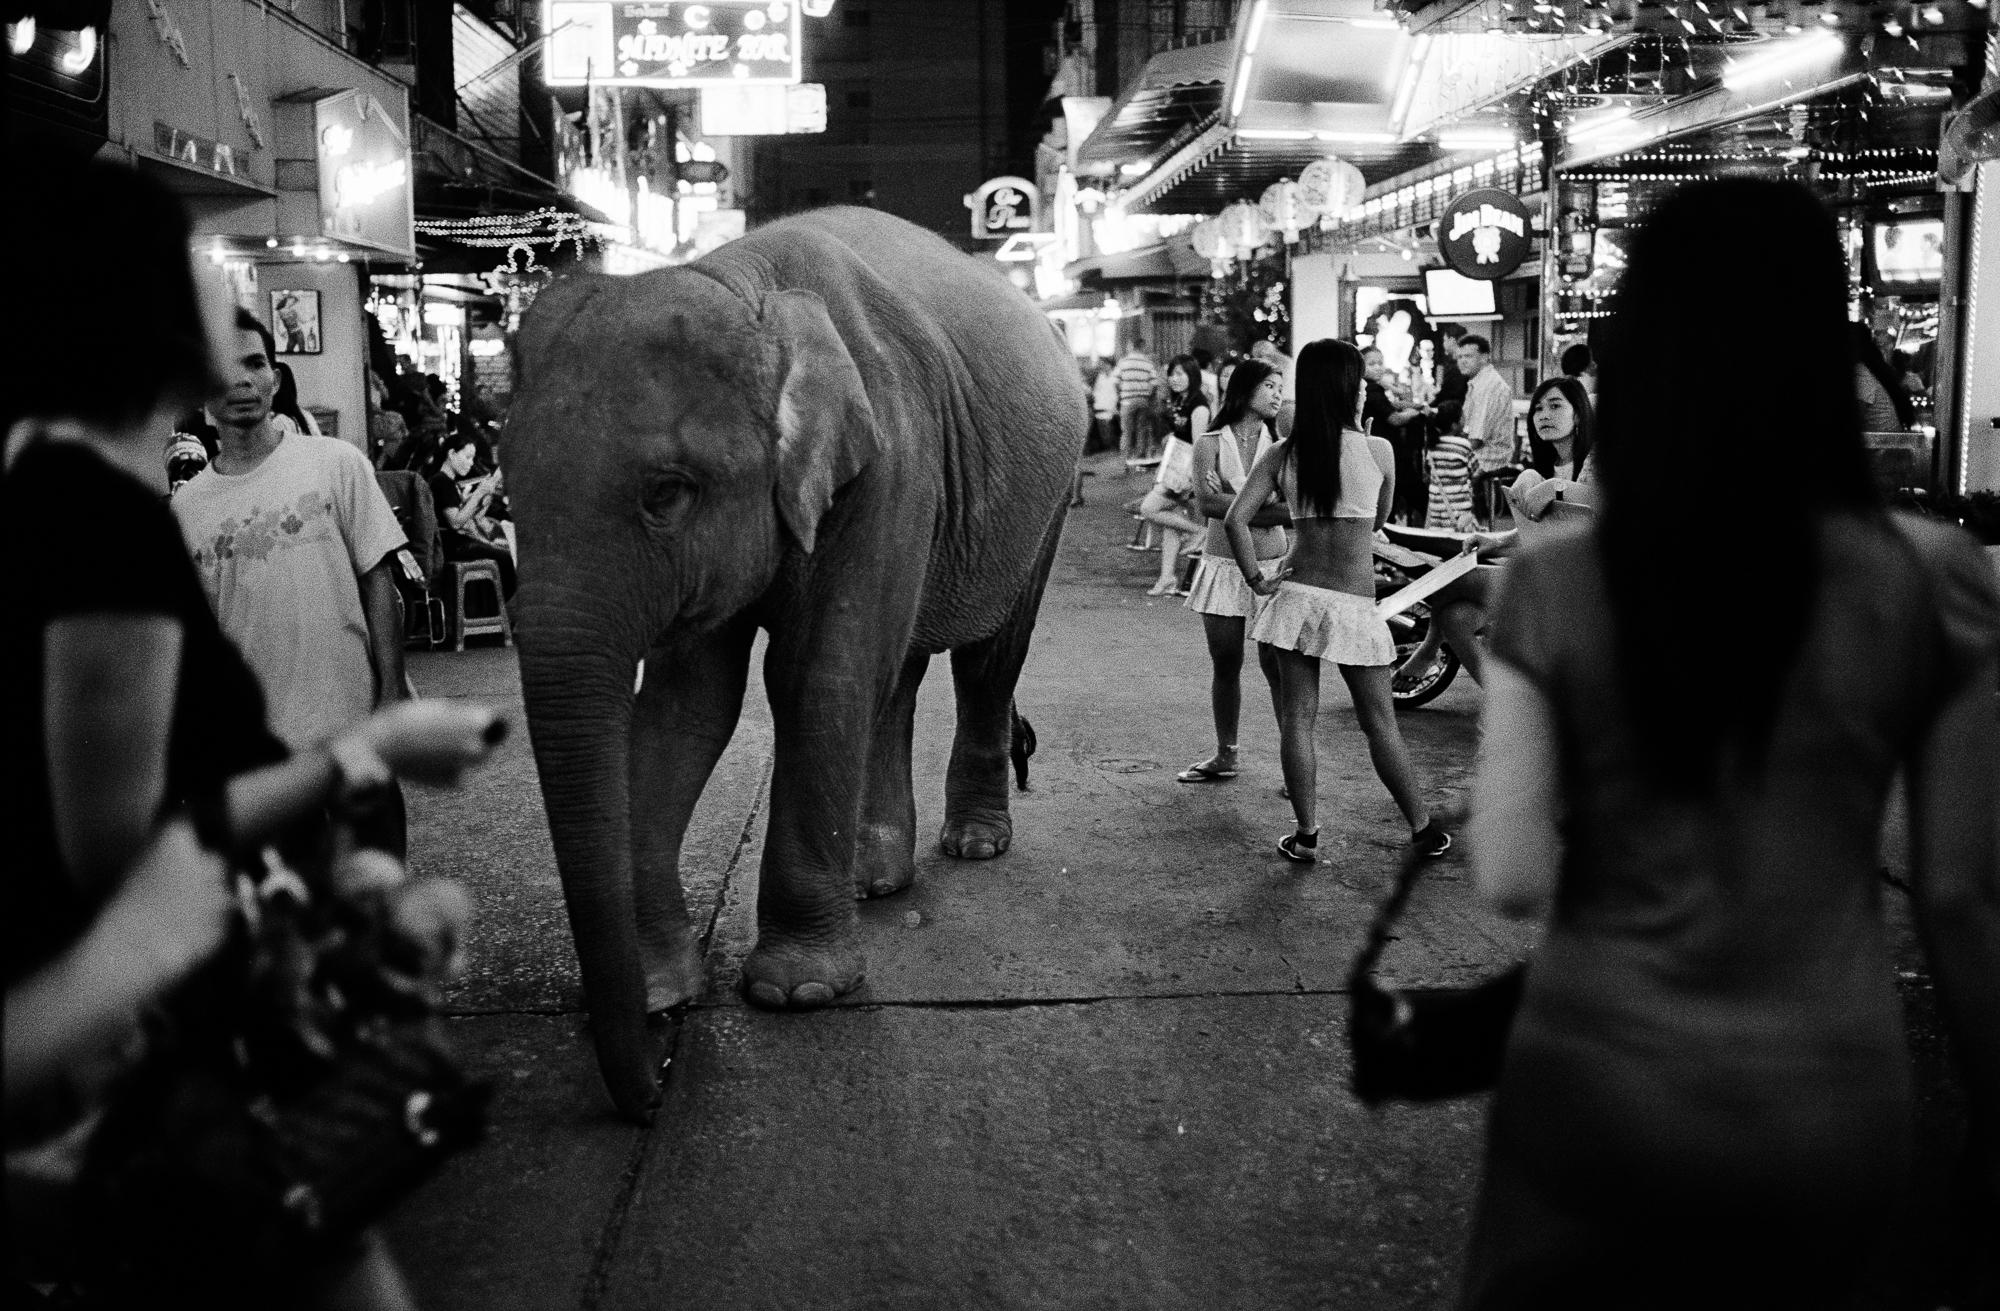 Bangkok Elephant.jpeg